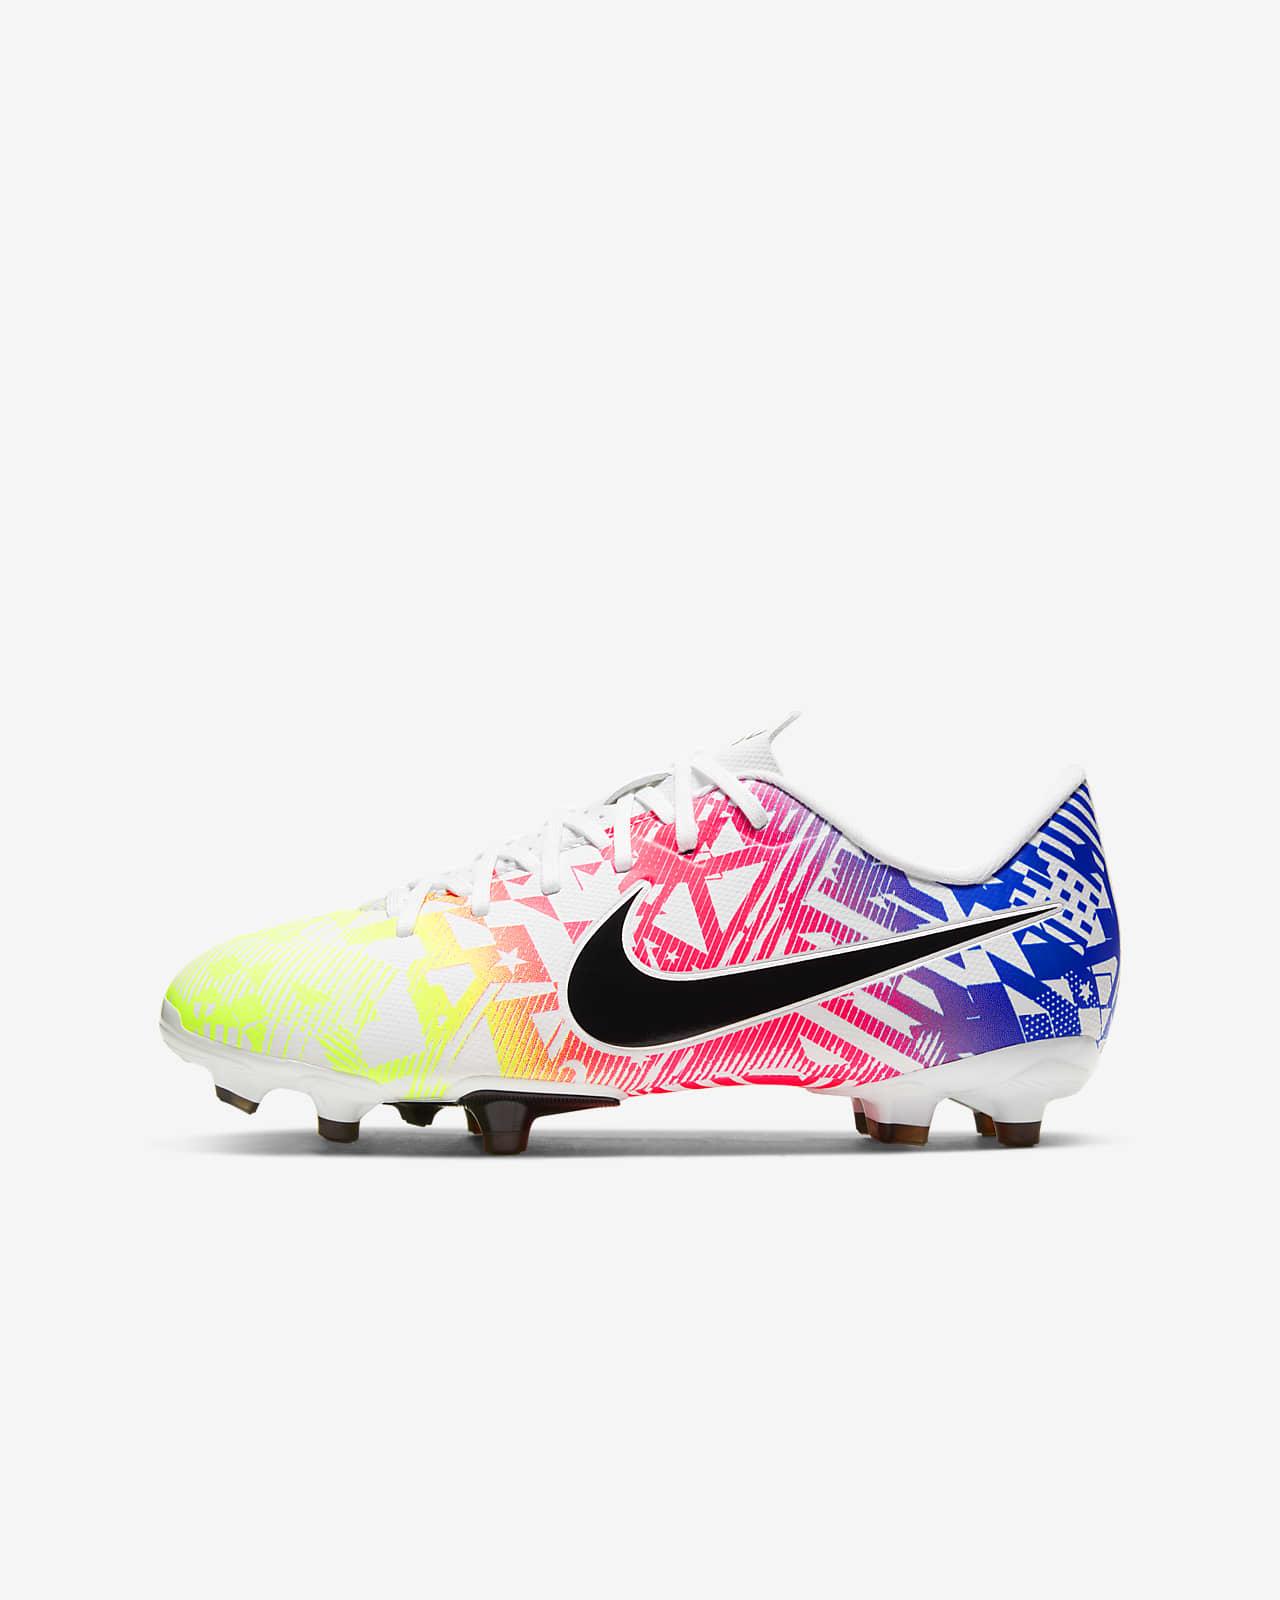 nike chaussure de foot enfant cheap buy online